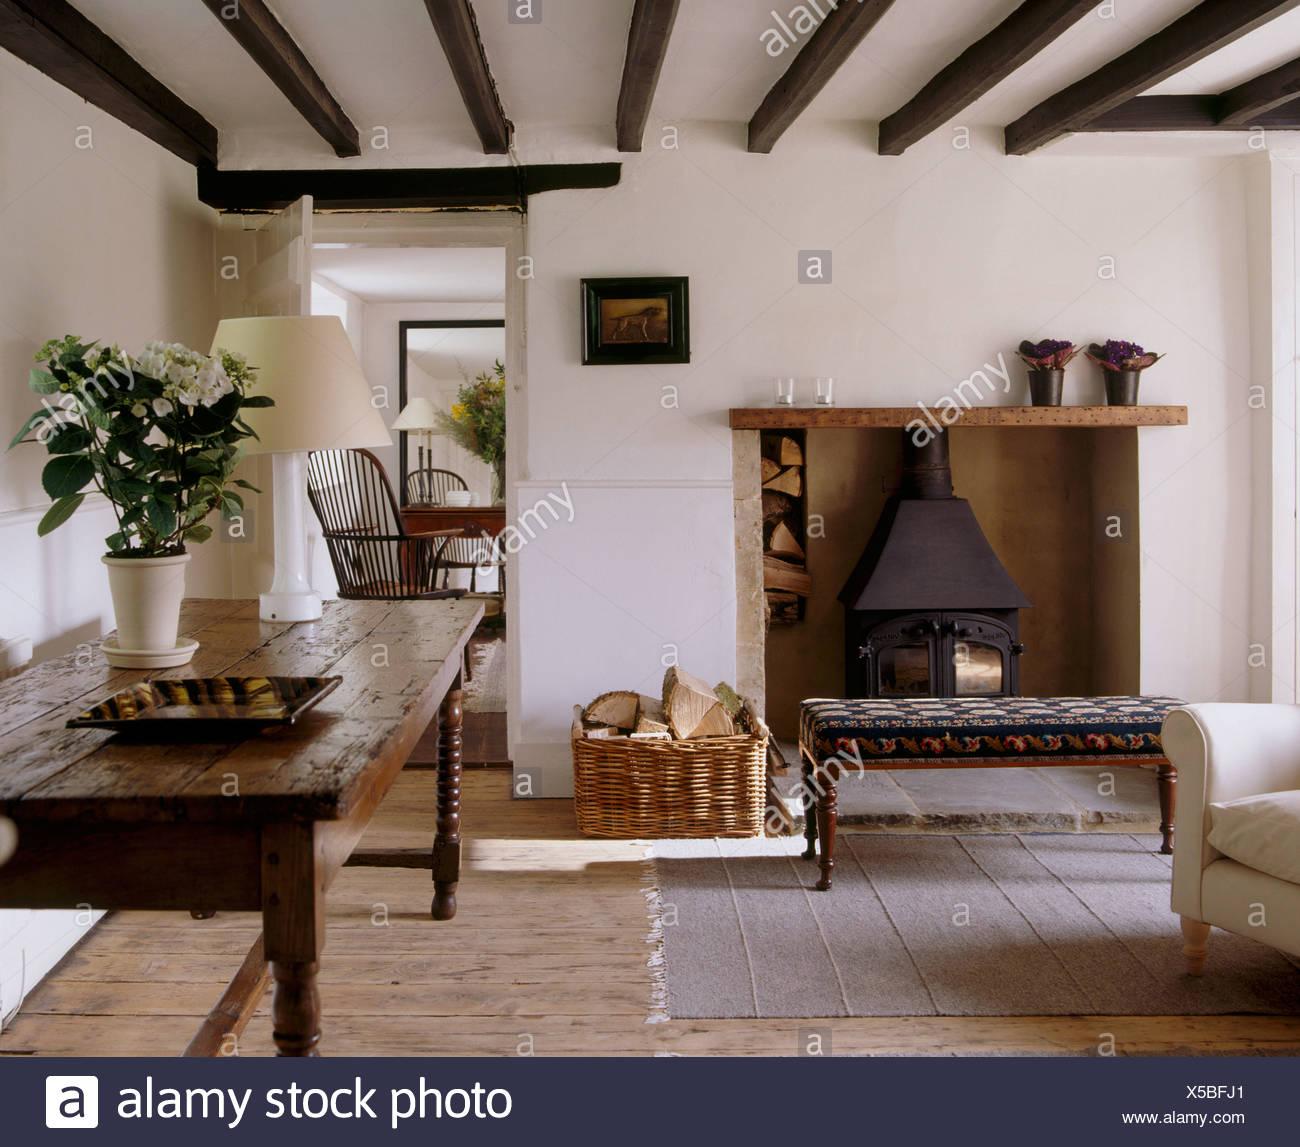 Forno A Legna Con Camino vecchio tavolo in legno di quercia e pavimento in legno in